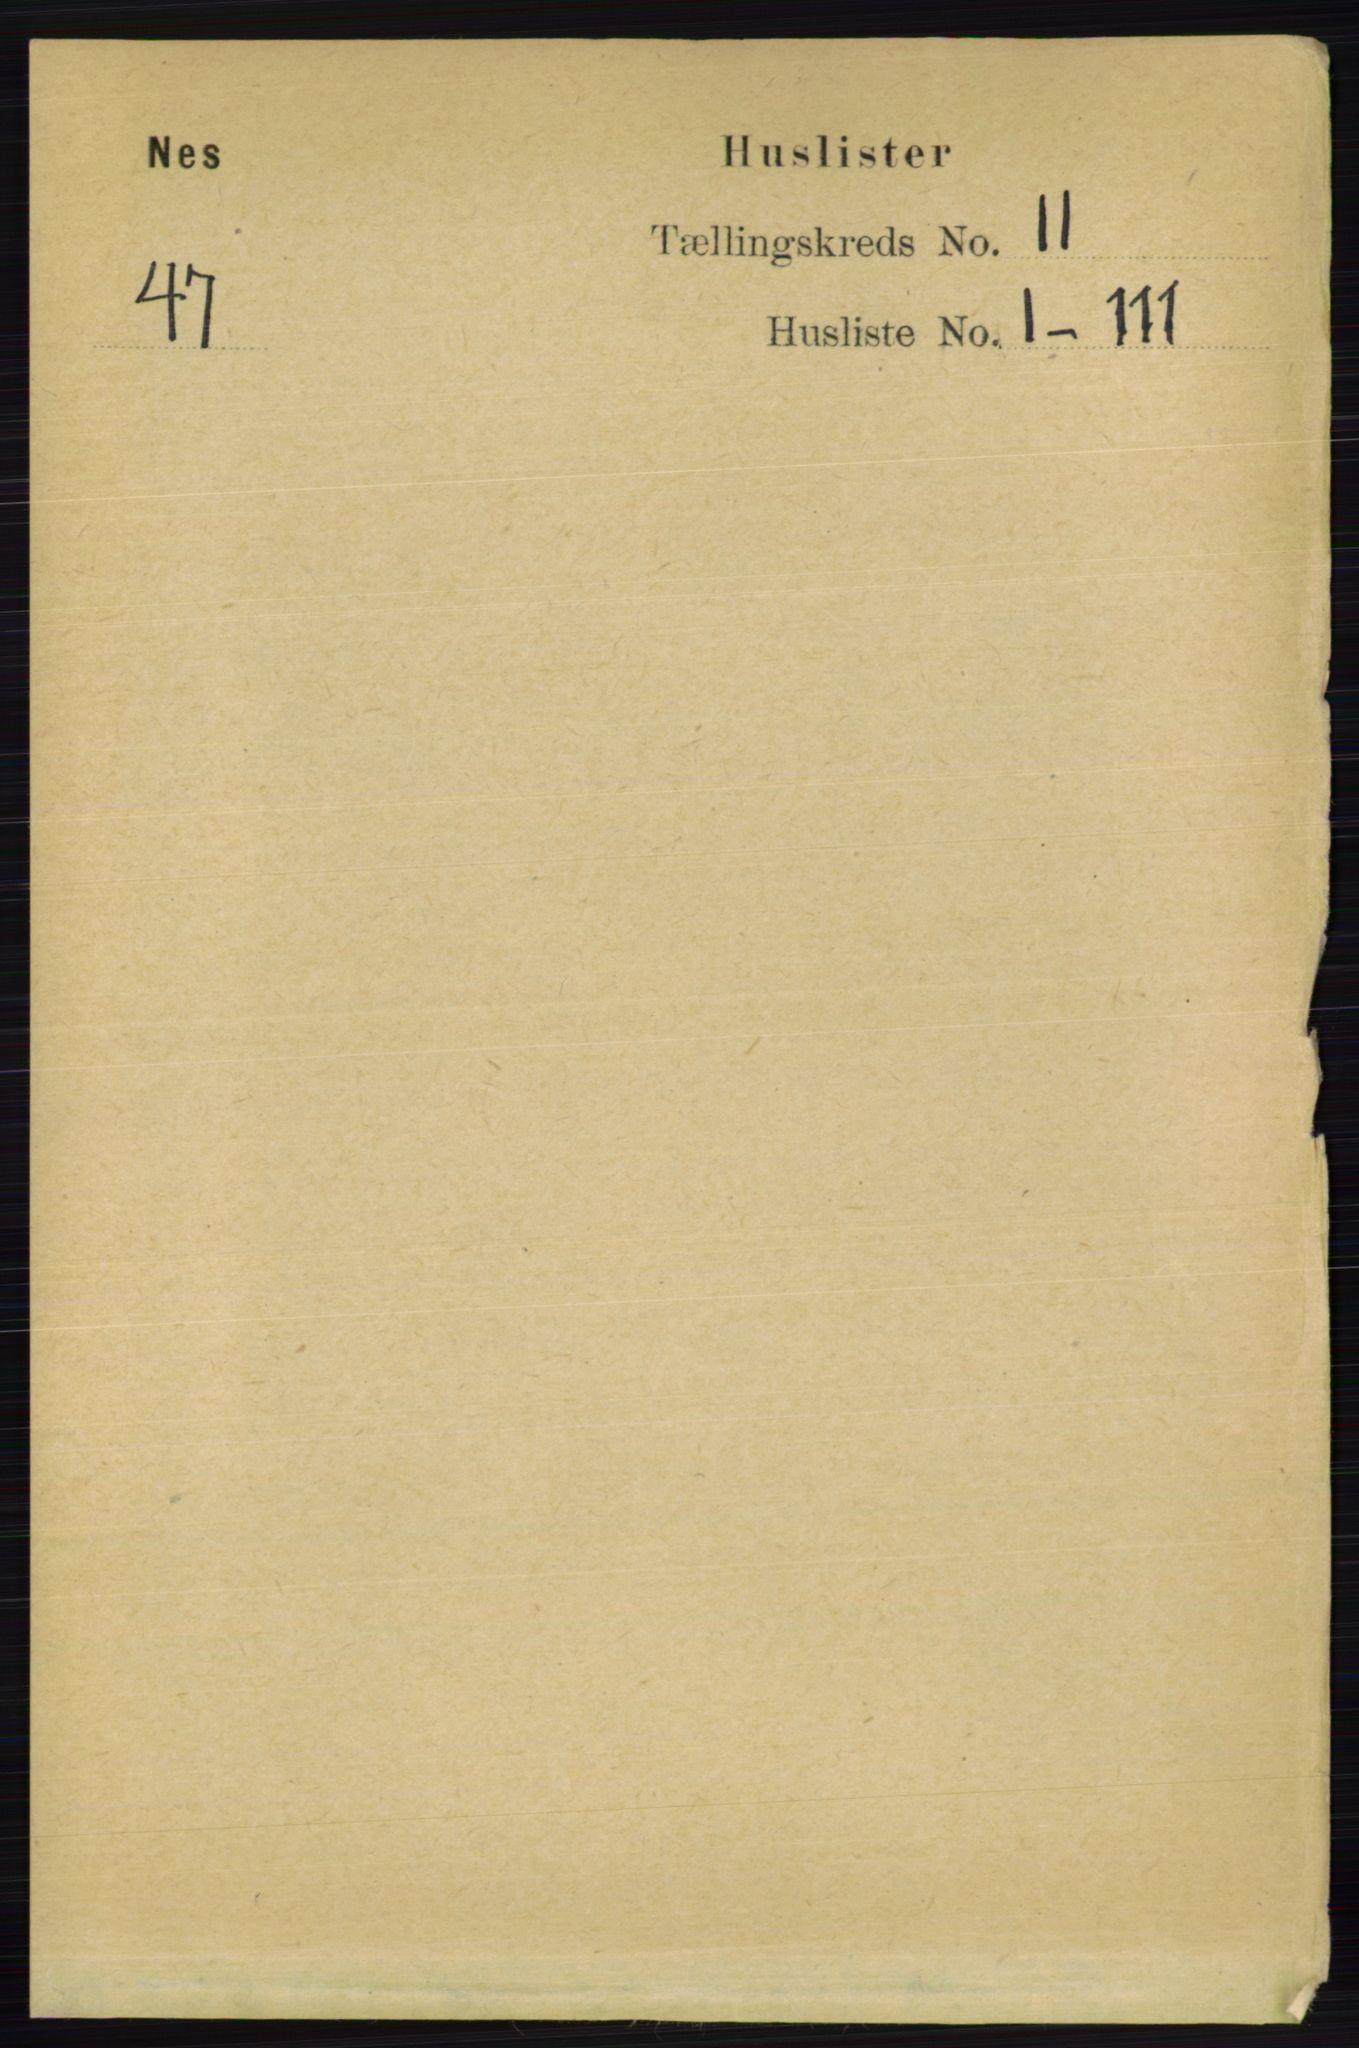 RA, Folketelling 1891 for 0236 Nes herred, 1891, s. 6237